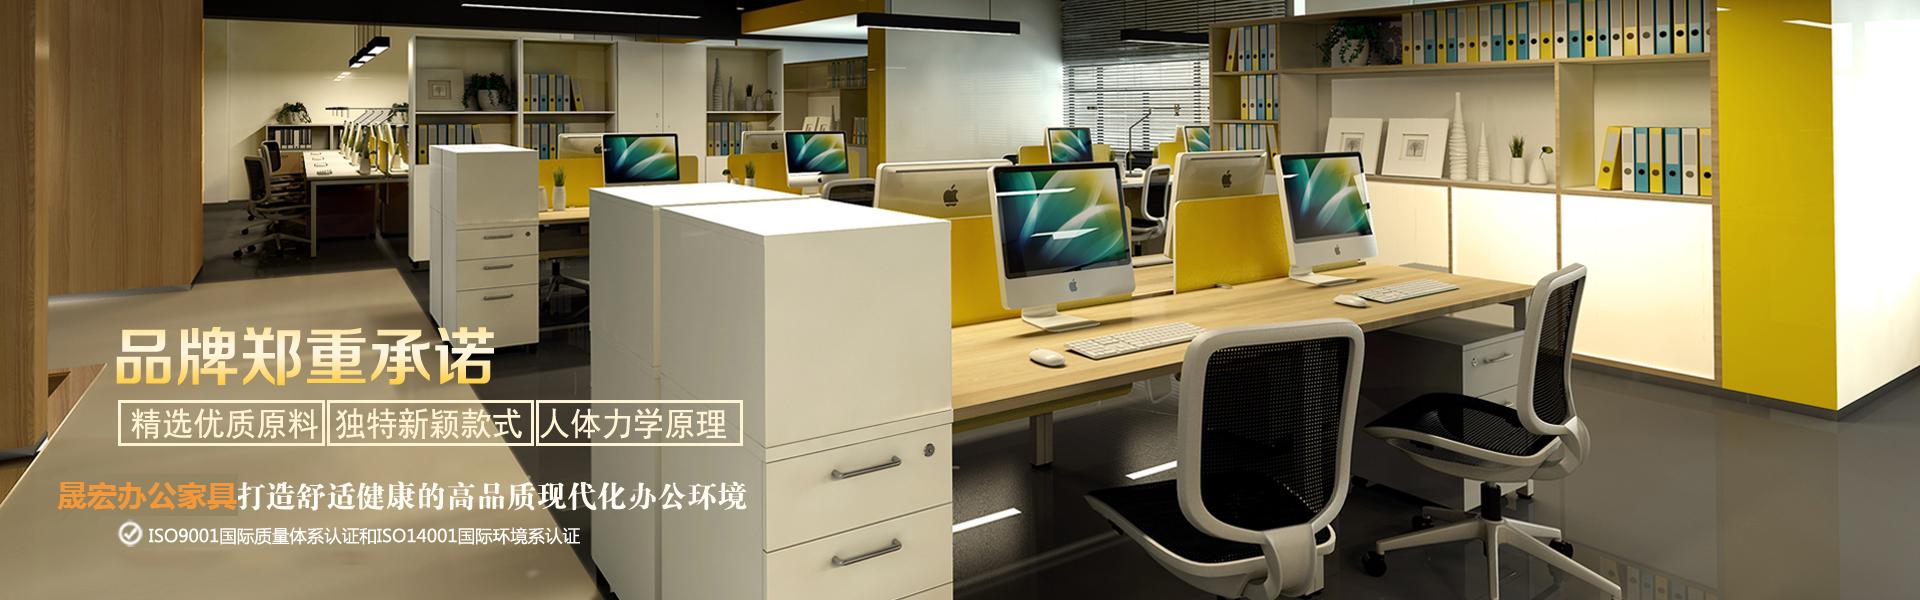 晟宏办公家具品牌郑重承诺打造舒适监控的高品质现代化办公环境